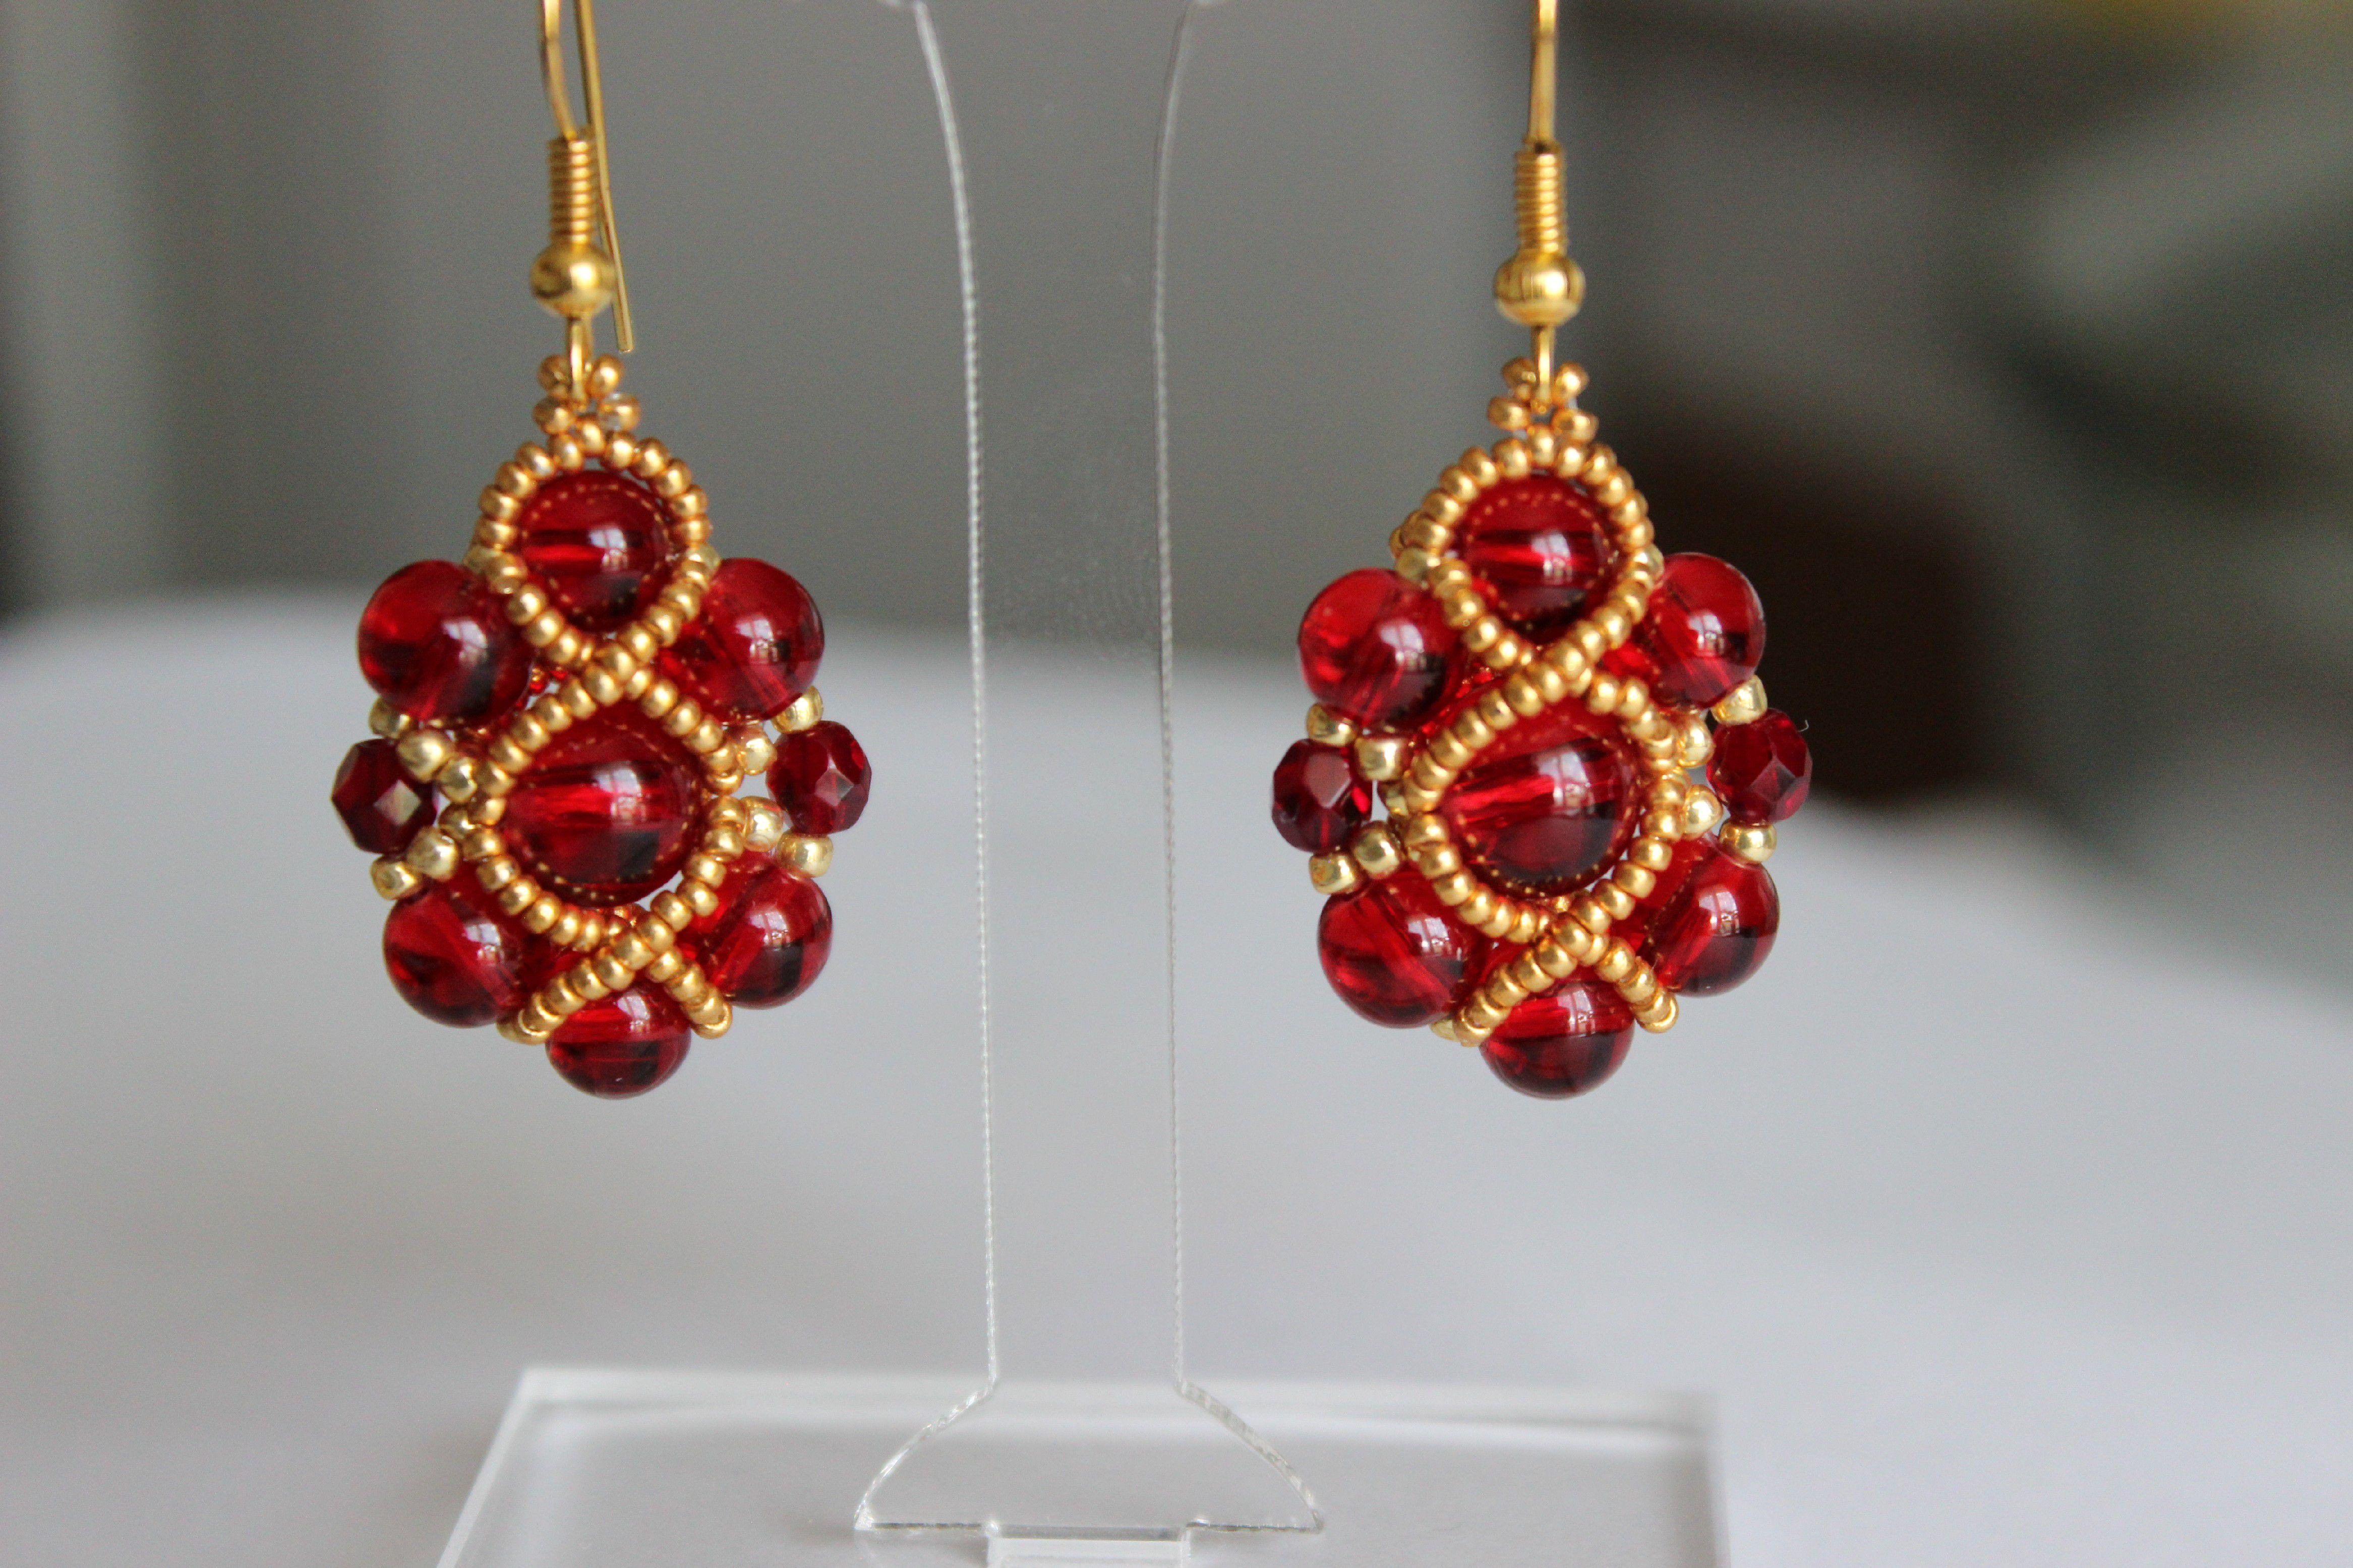 восточные золотой бусины украшения серьги бисер ручная яркие бижутерия работа красный